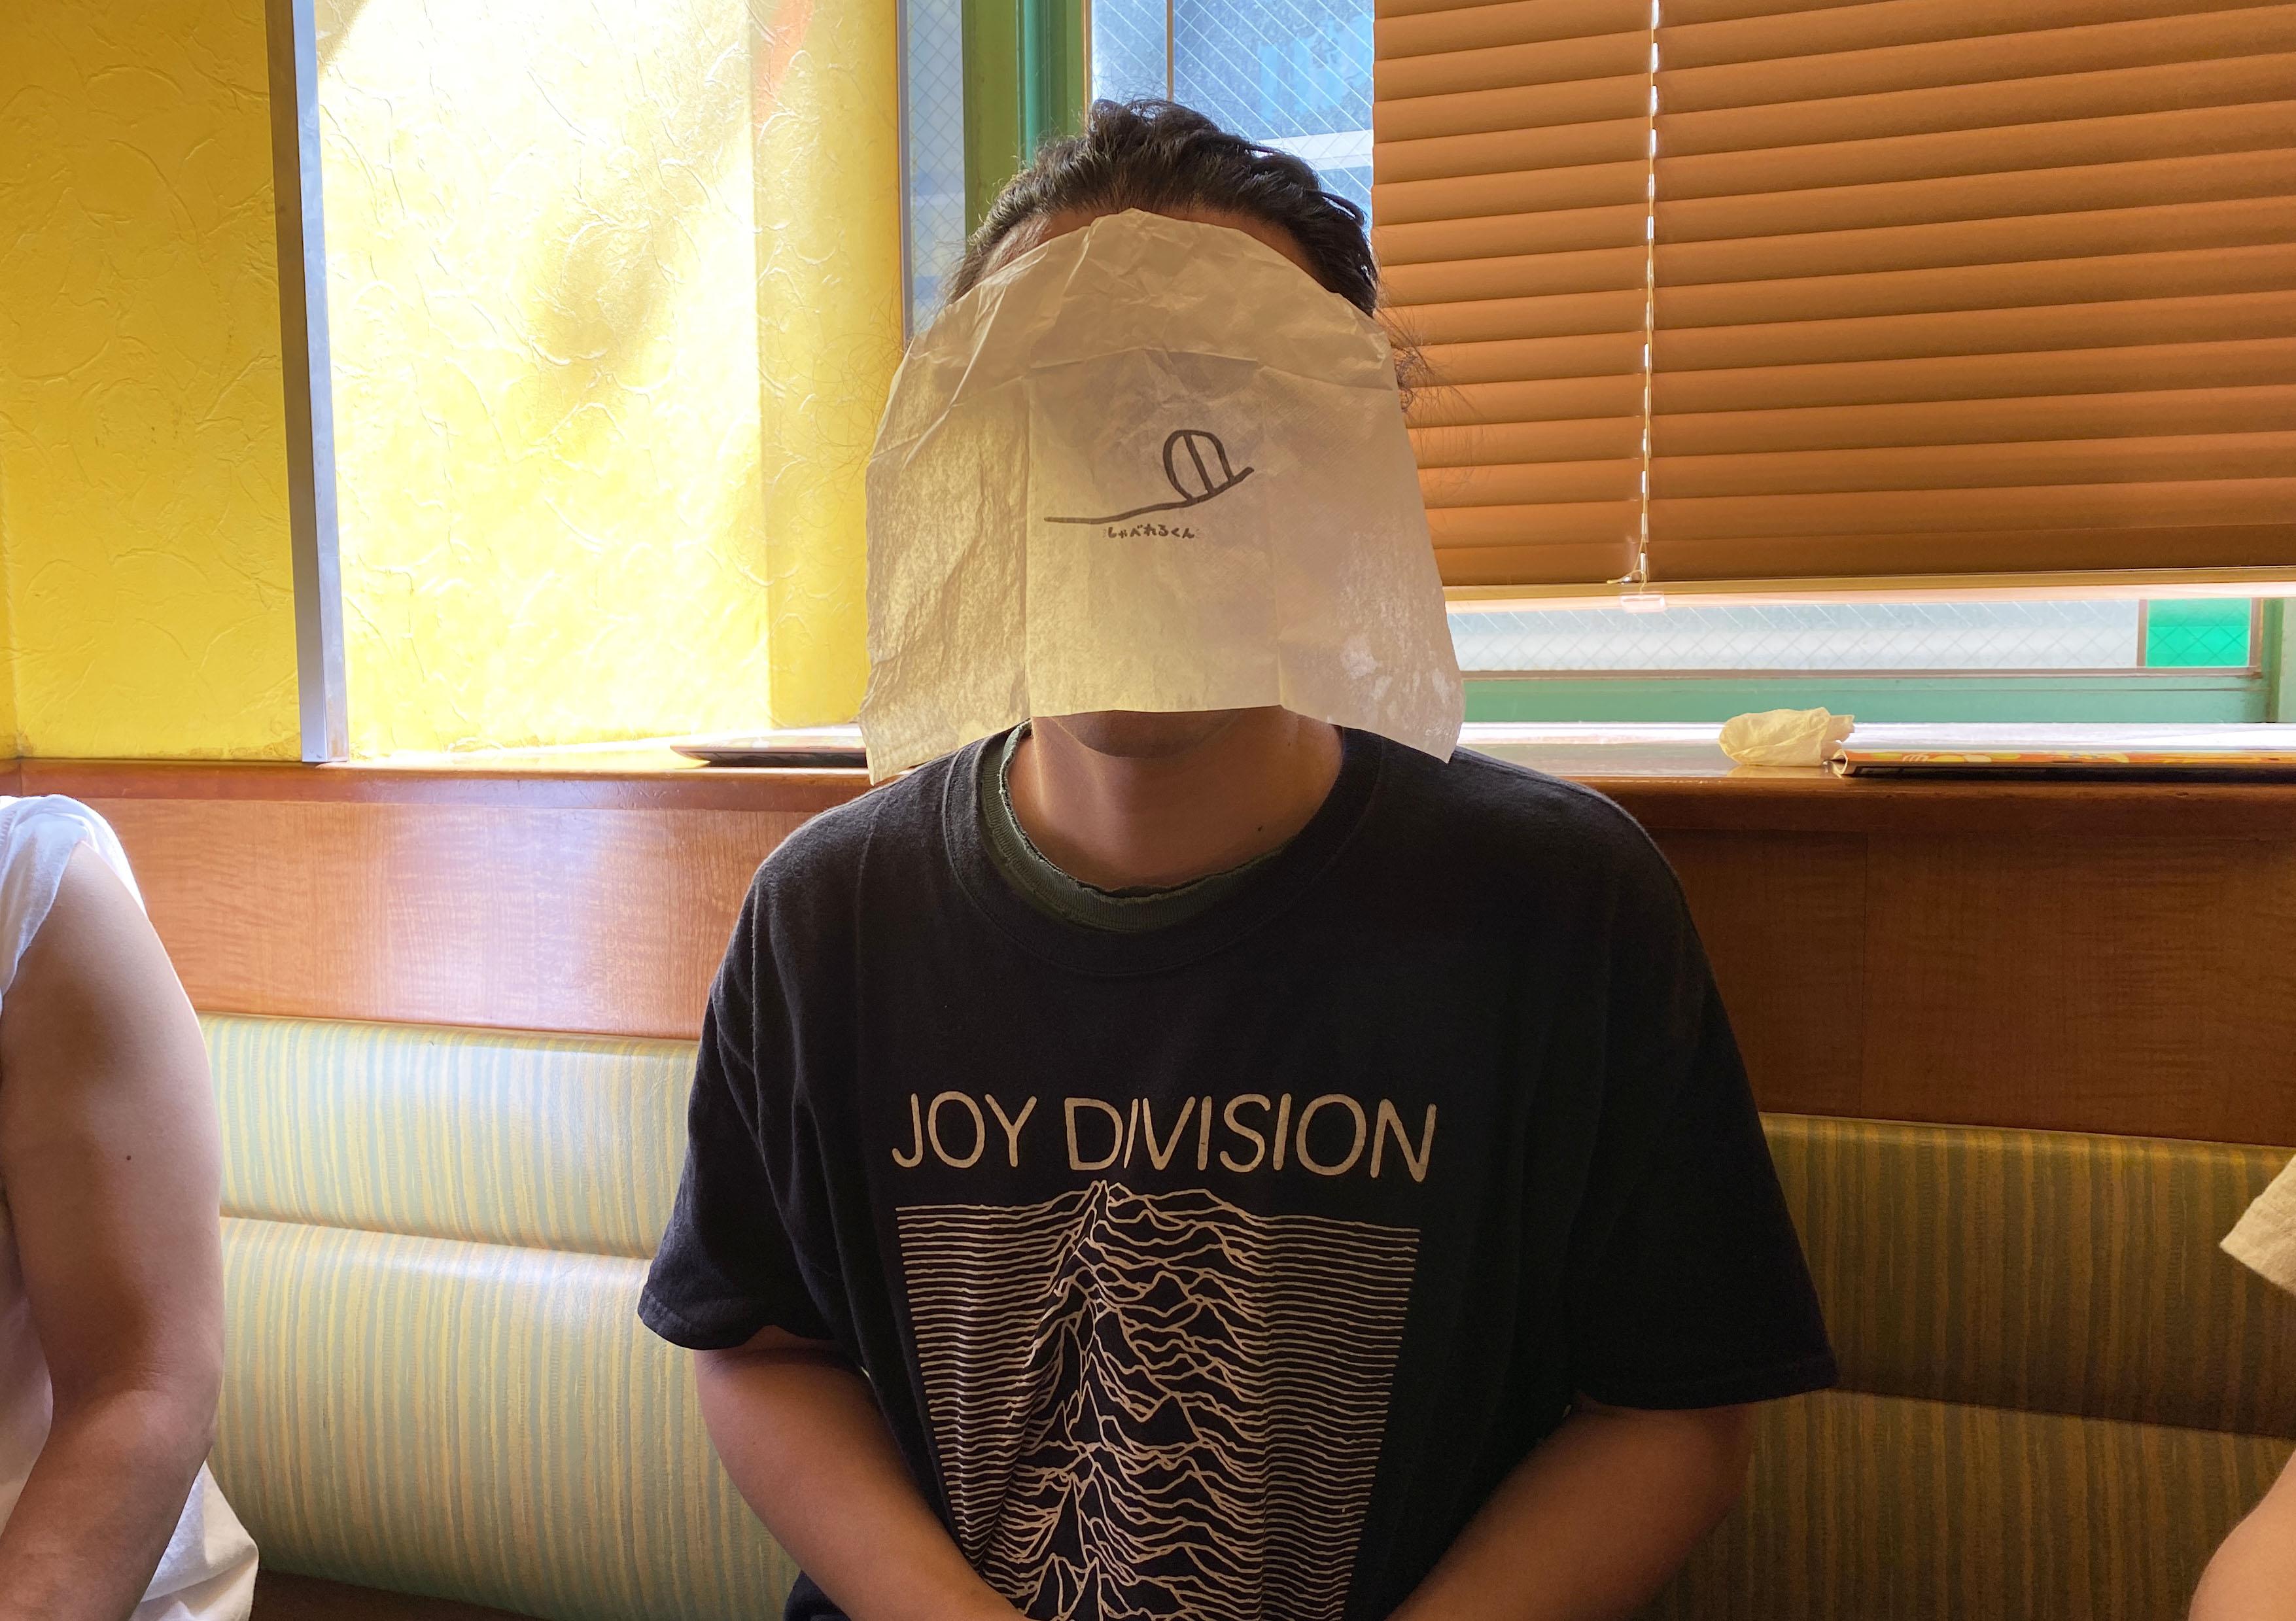 【発明】サイゼリヤの食事用マスク『しゃべれるくん』が凄まじく食事しにくい → つけ方を変えるだけで解決することが判明